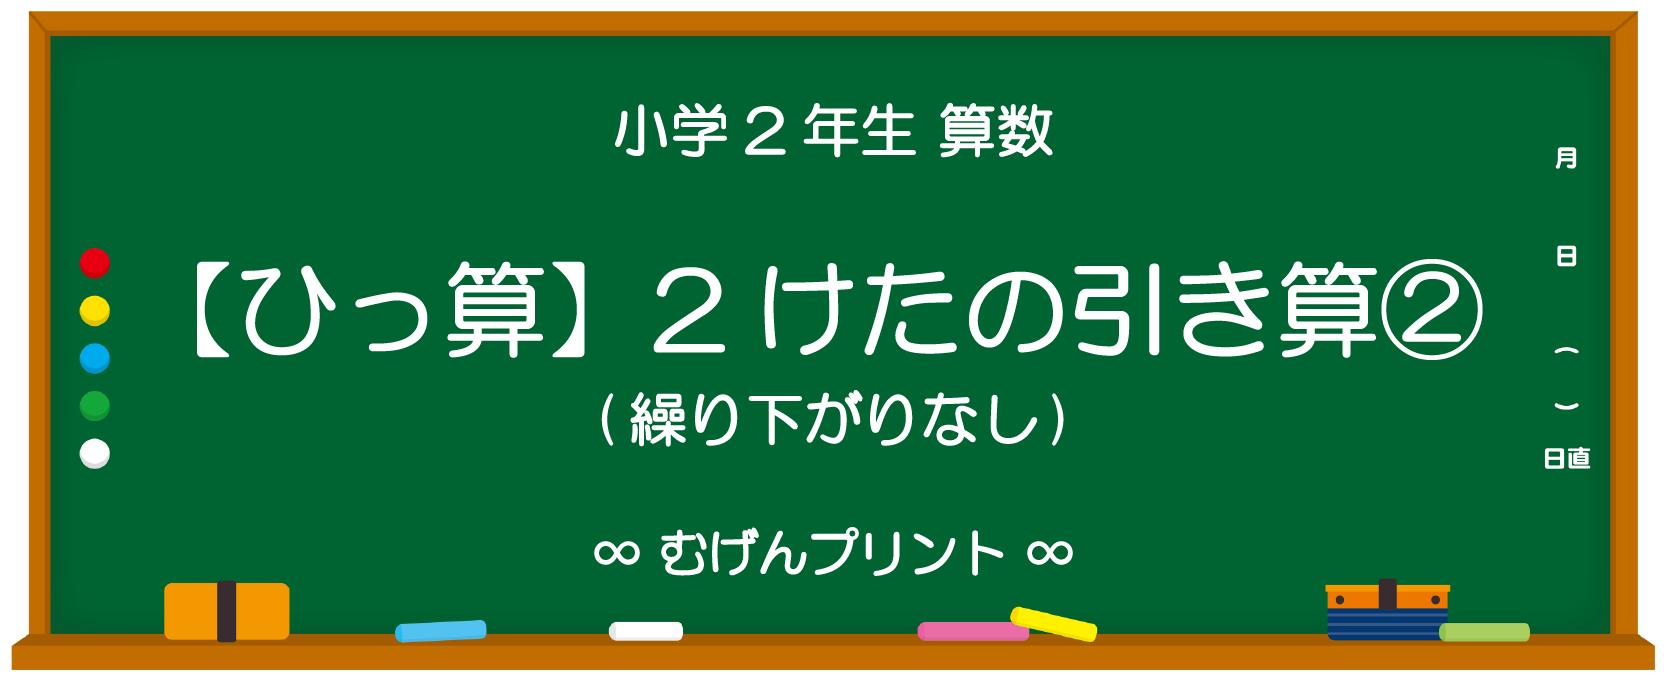 【小2 算数 無料プリント/ミニテスト/ドリル】【ひっ算】2けたの引き算②(繰り下がりなし)